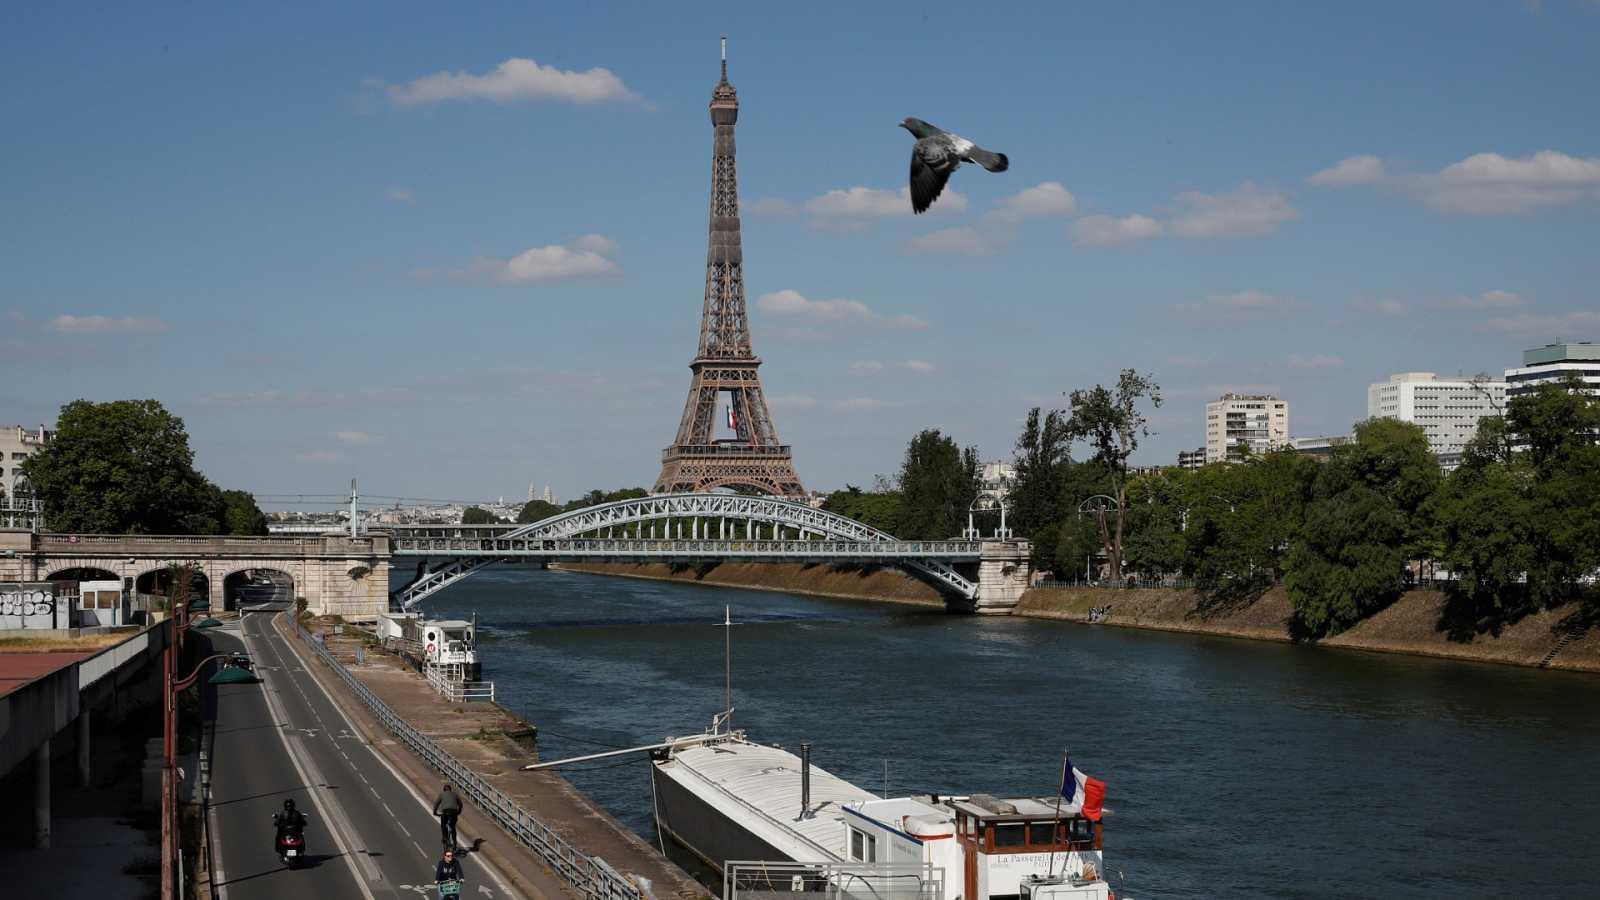 Francia impulsará su sector turístico con 18.000 millones de euros entre ayudas, préstamos y exención de impuestos